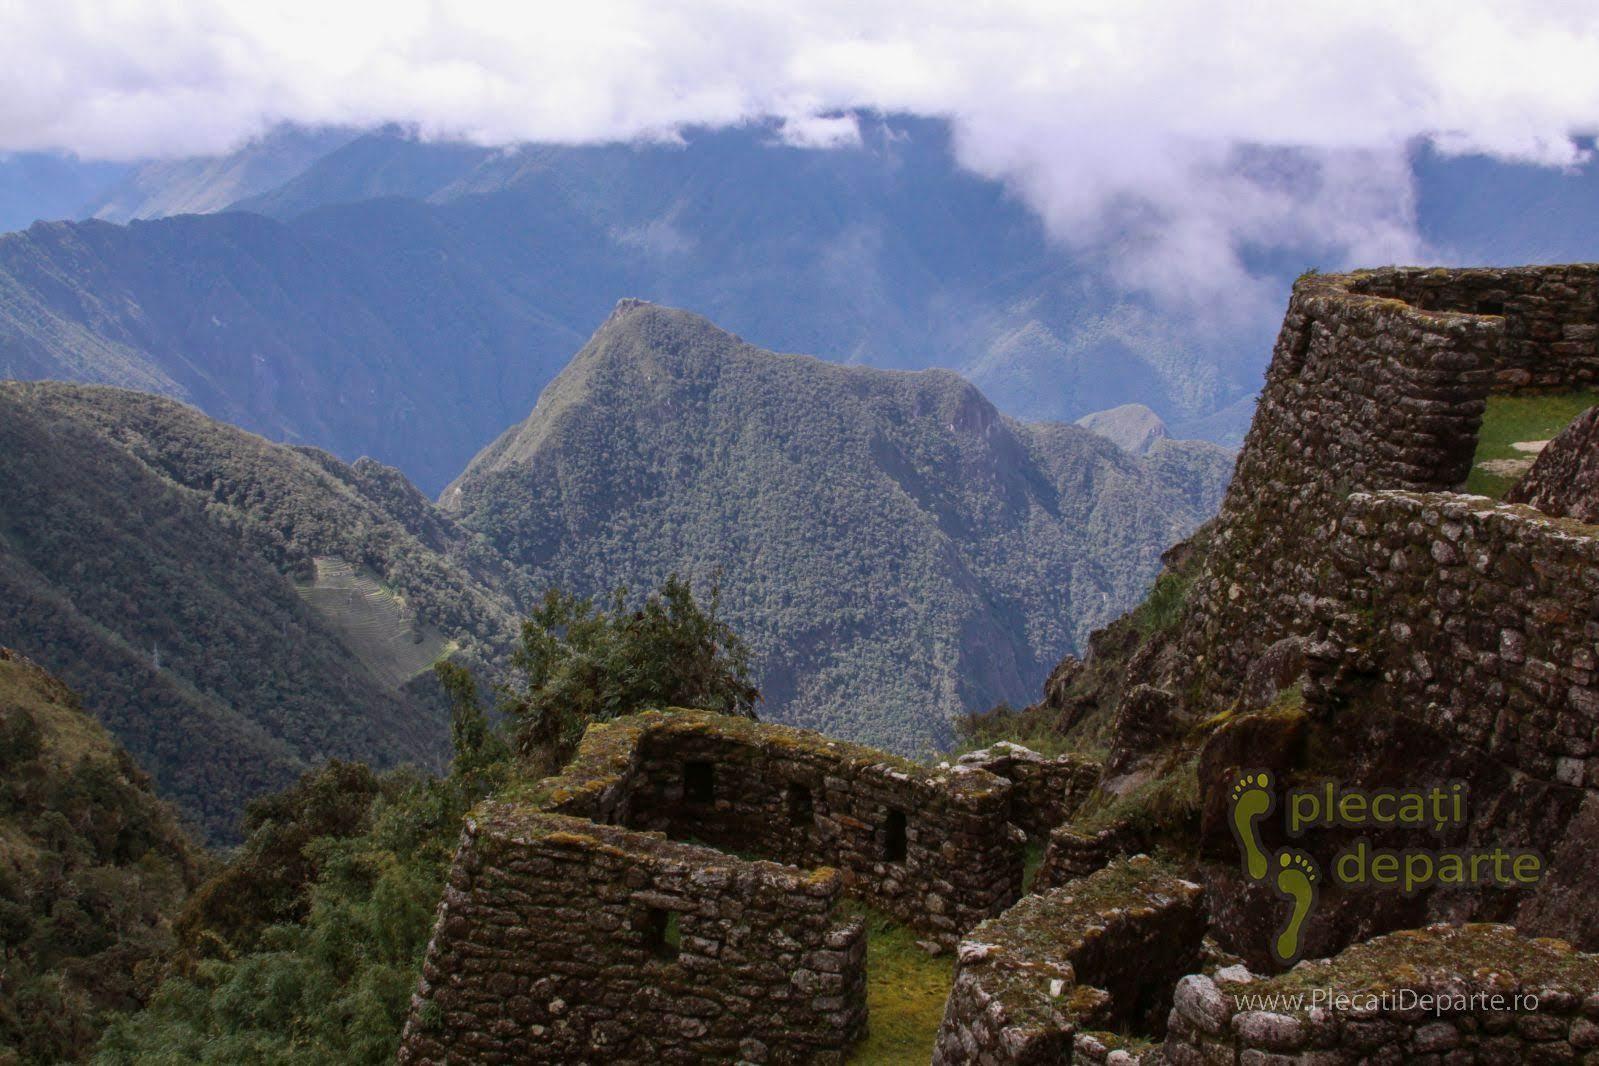 Cetatea Puyupatamarca la 3600m, in a 3-a zi pe traseul Inca Trail (Drumul Incas) spre Machu Picchu, in Peru